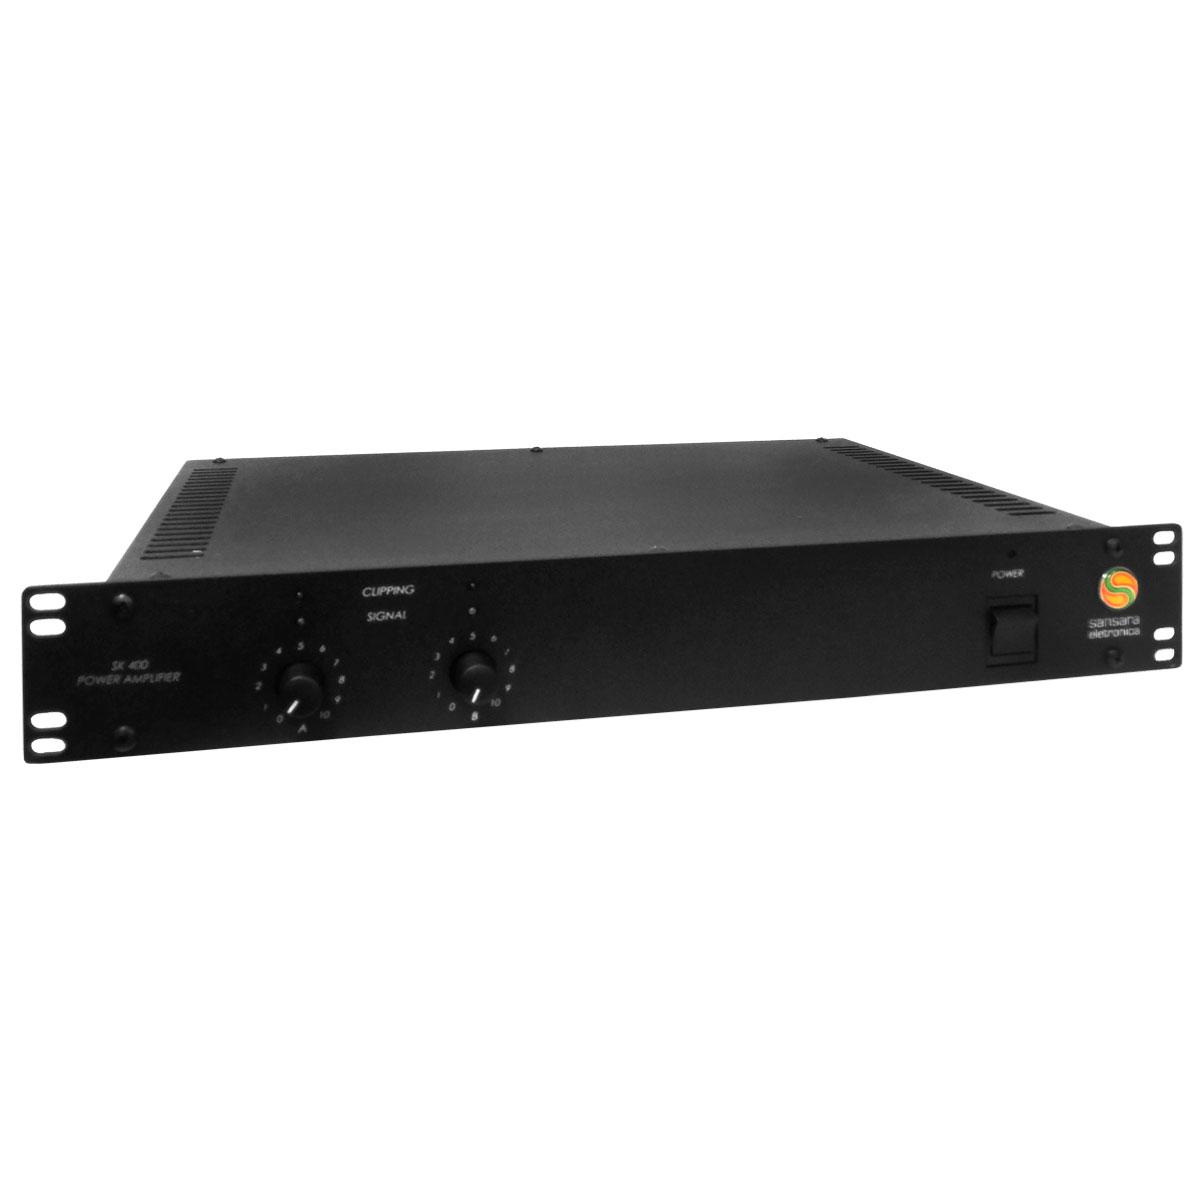 SK404 - Amplificador 70.7V 400W SK 404 - Sansara